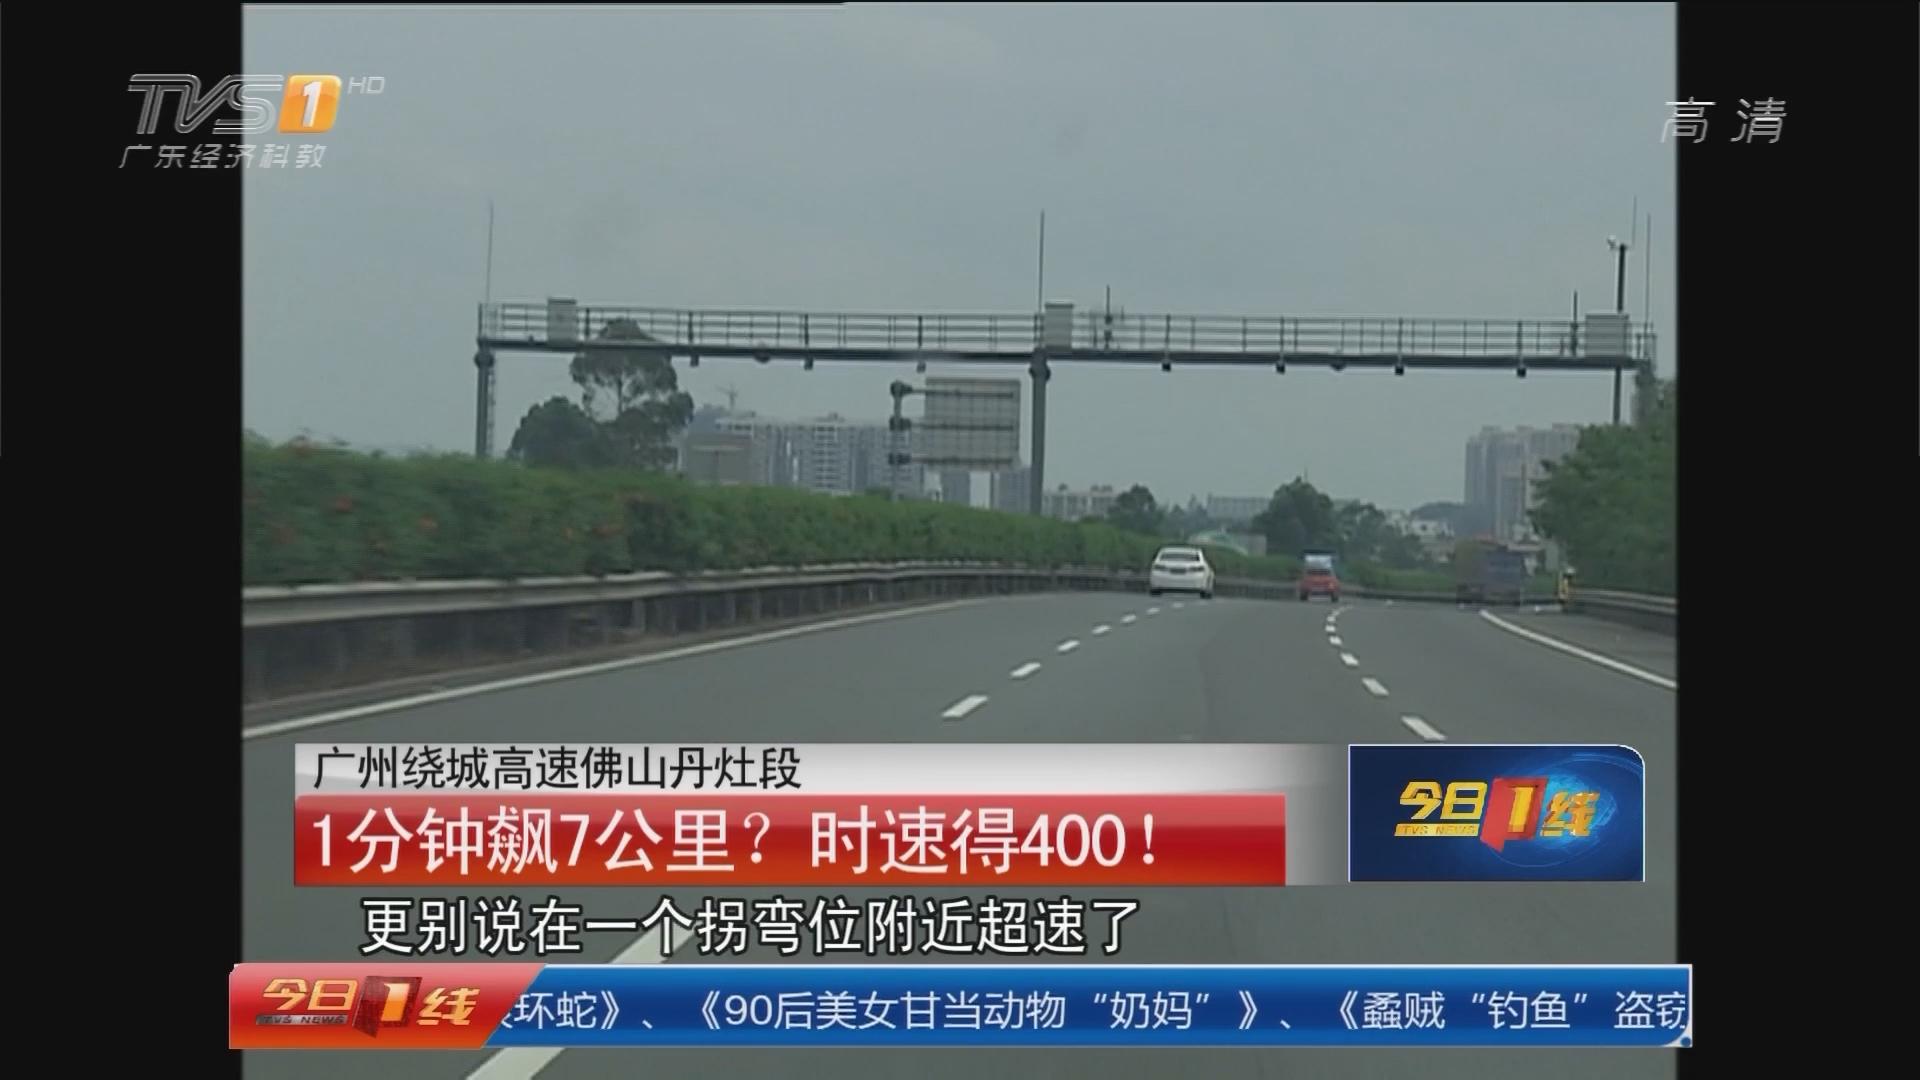 广州绕城高速佛山丹灶段:超速违章狂增 测速有误?